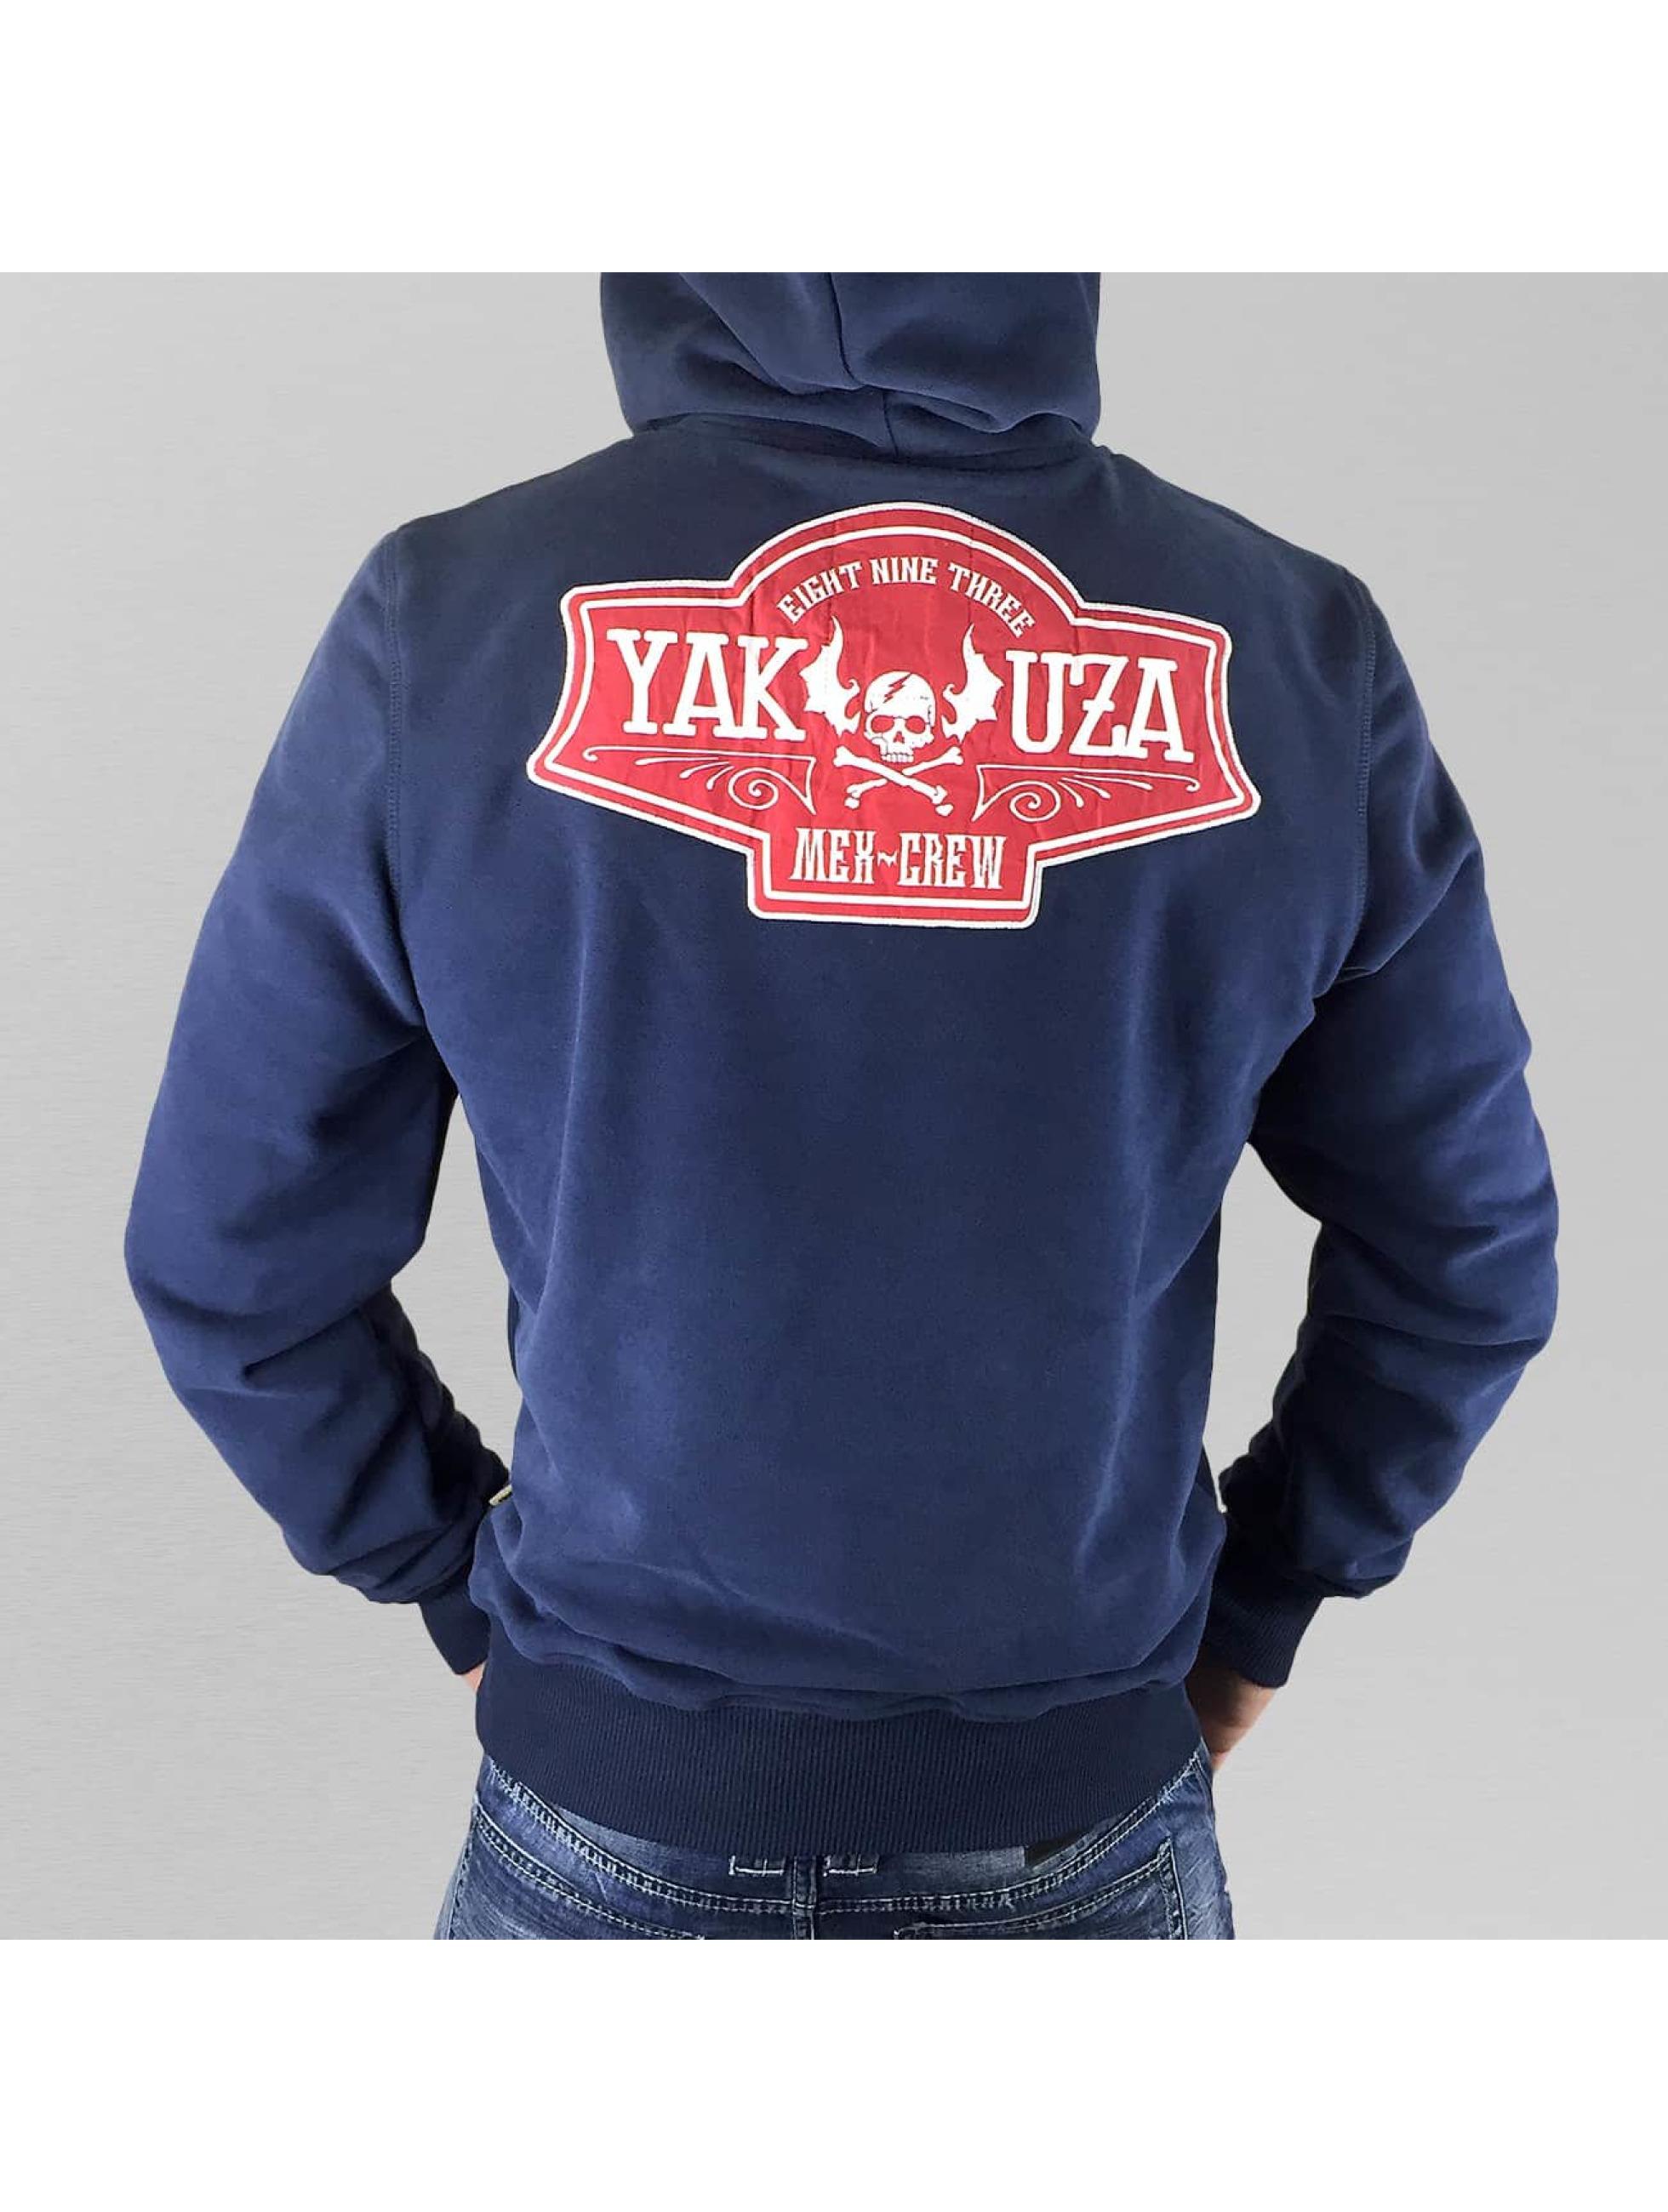 Yakuza Hoody Mex-Crew VO2 indigo